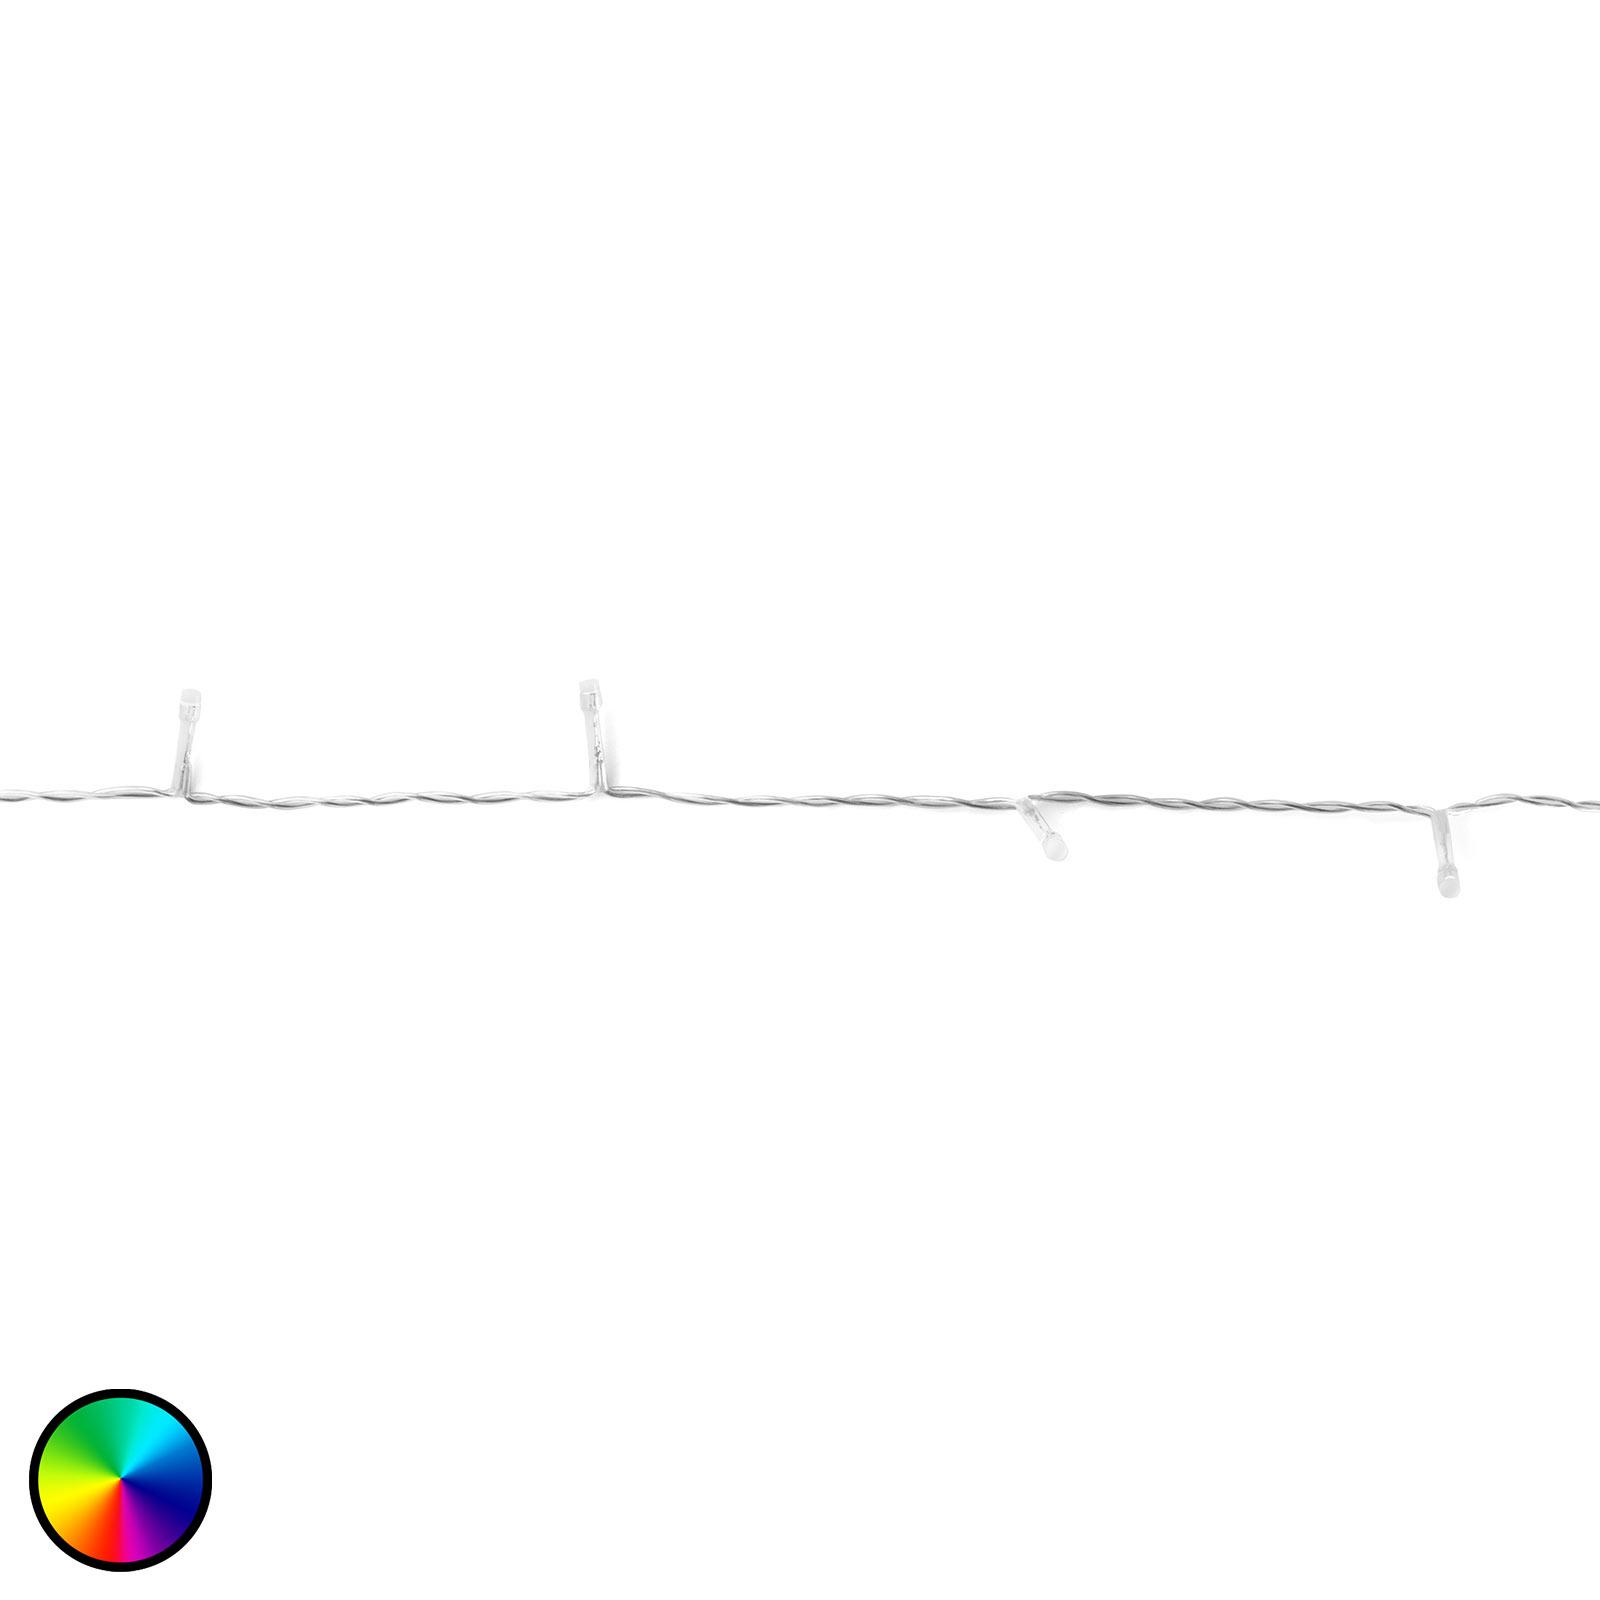 Łańcuch świetlny Twinkly RGBW, 250-pkt. 20m